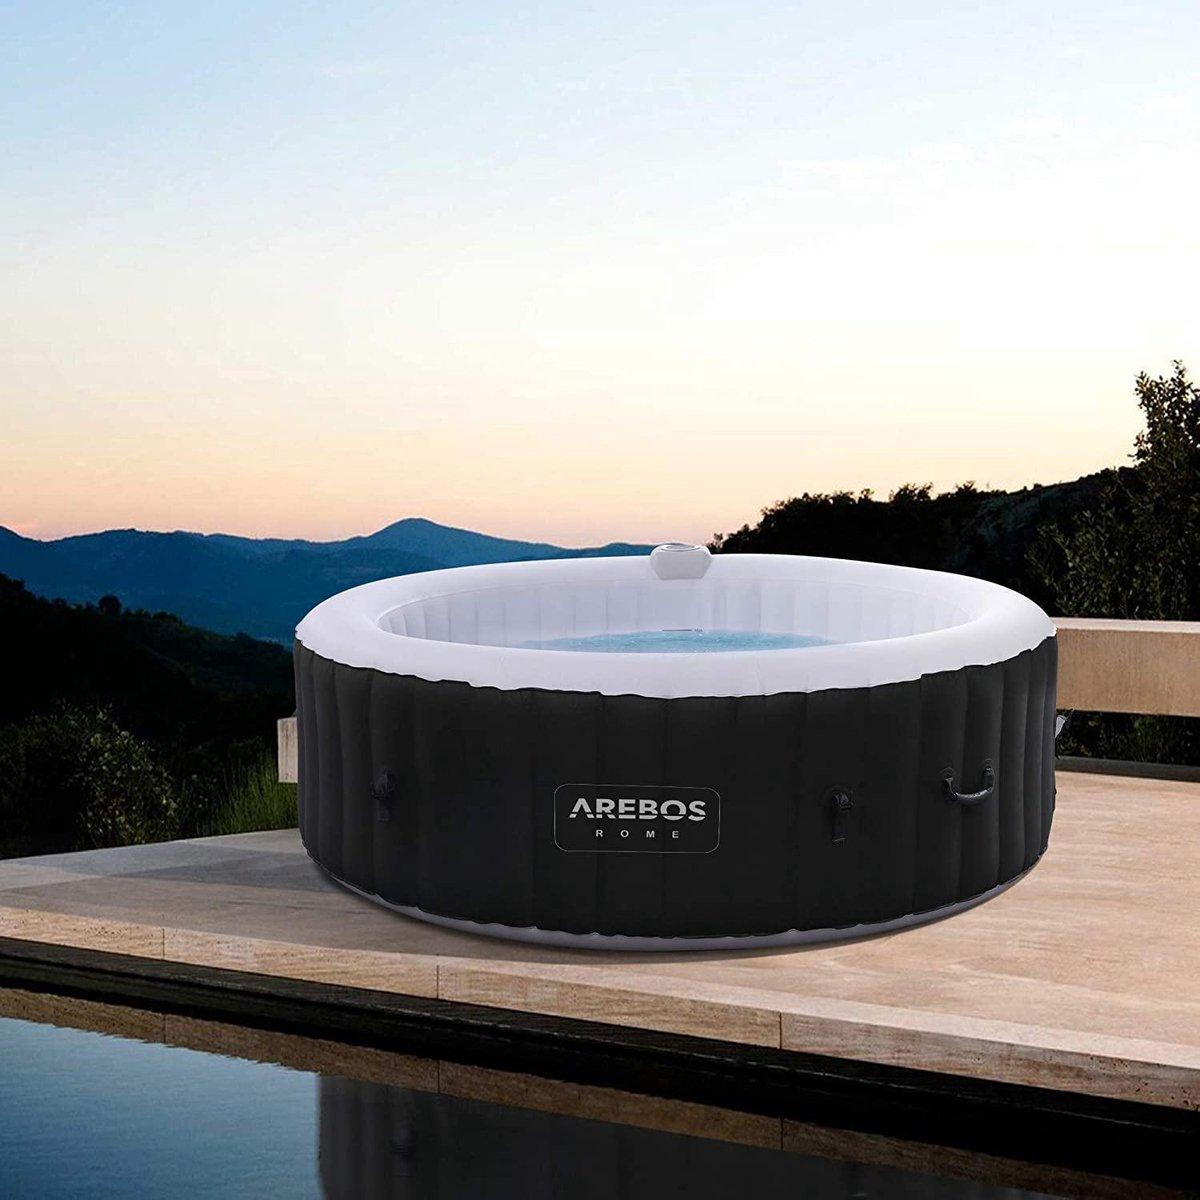 |jacuzzi |bubbelbad | jacuzzi opblaasbaar 4 personen| jacuzzi opblaasbaar|Opblaasbare whirlpool ROME voor binnen en buiten | rond | 1000 liter | massage | verwarming | wellness